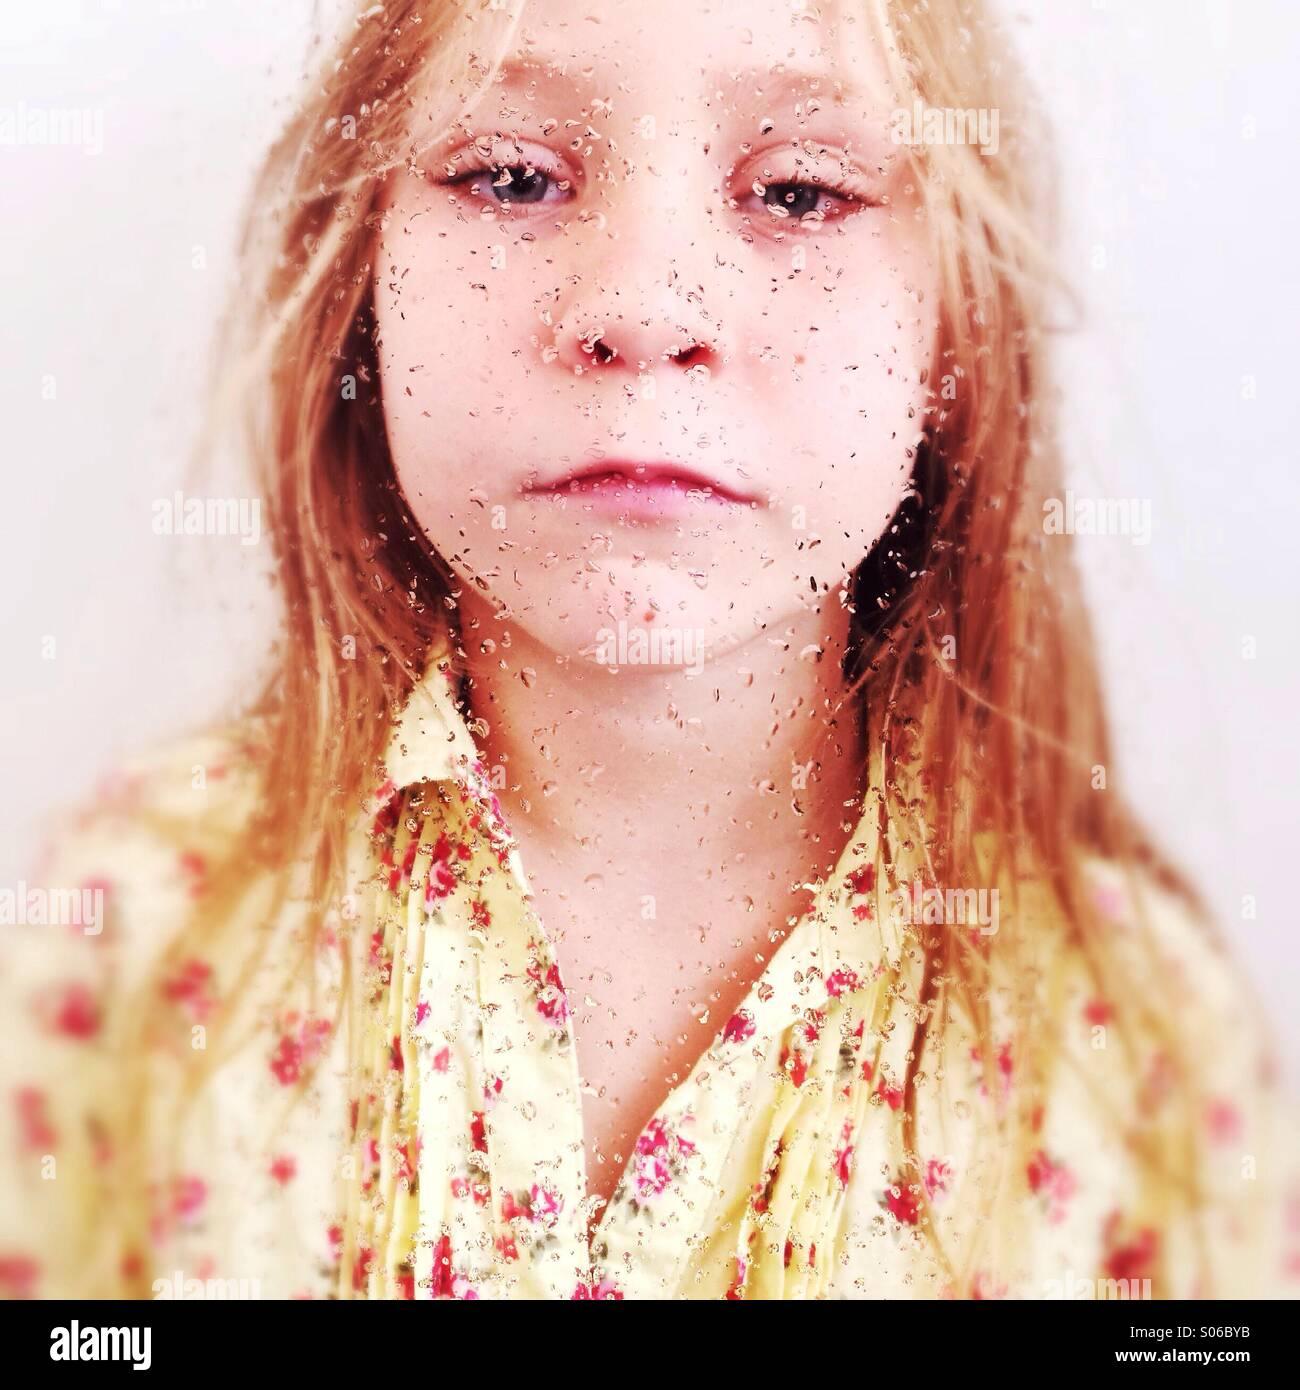 Retrato de uma jovem rapariga atrás de uma janela molhada. Imagens de Stock